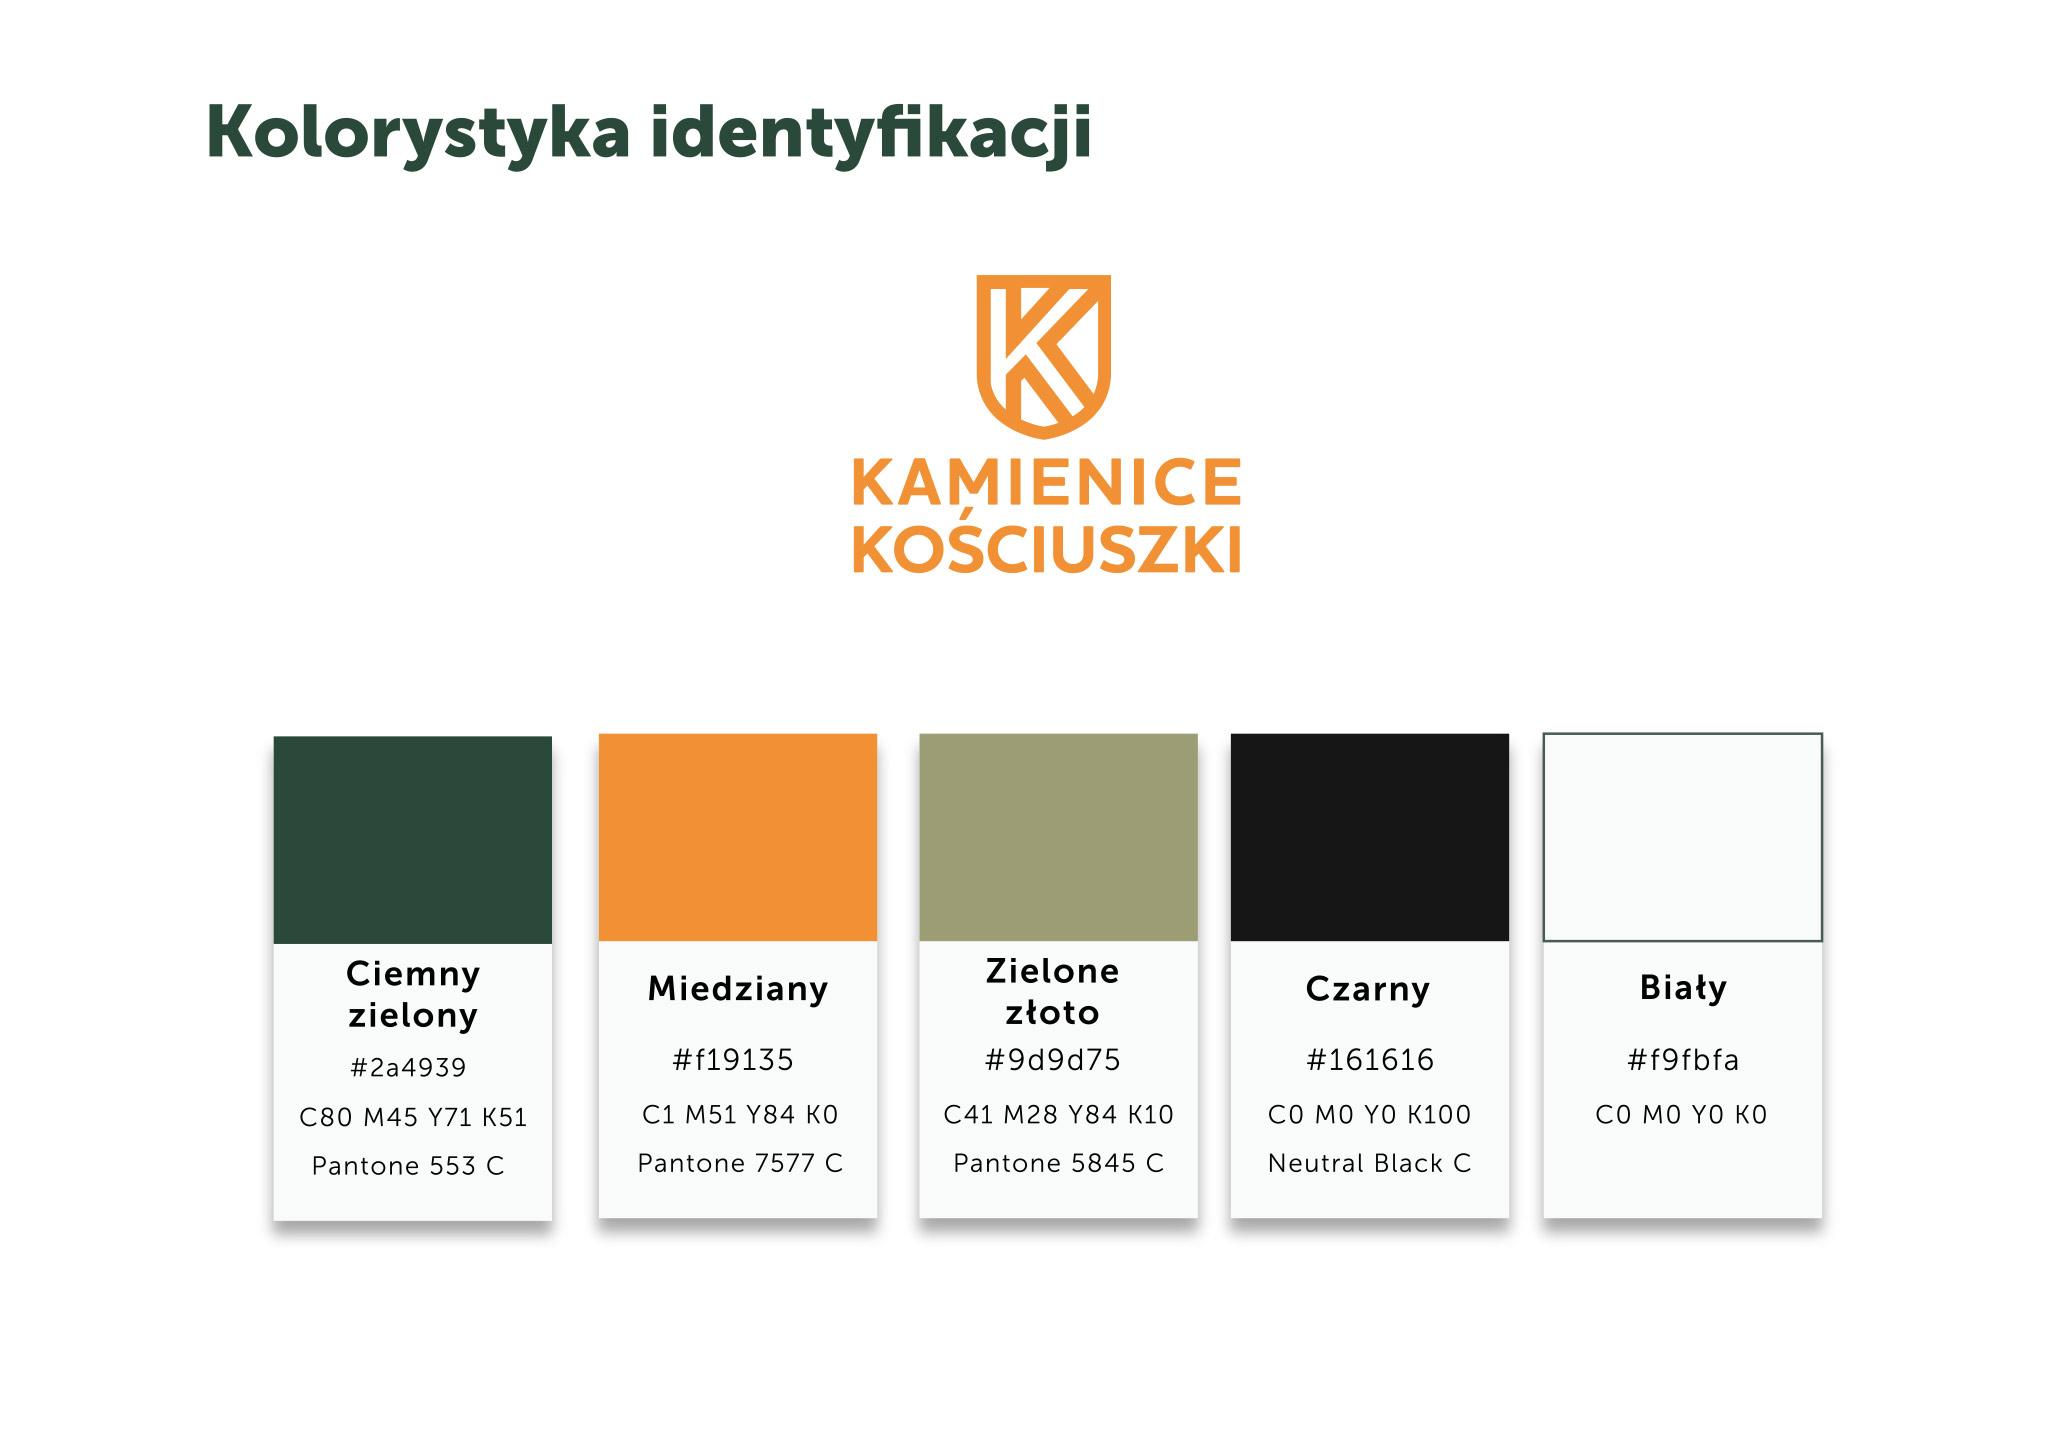 kolorystyka identyfikacji wizualnej Kamienice Kosciuszki Gliwice